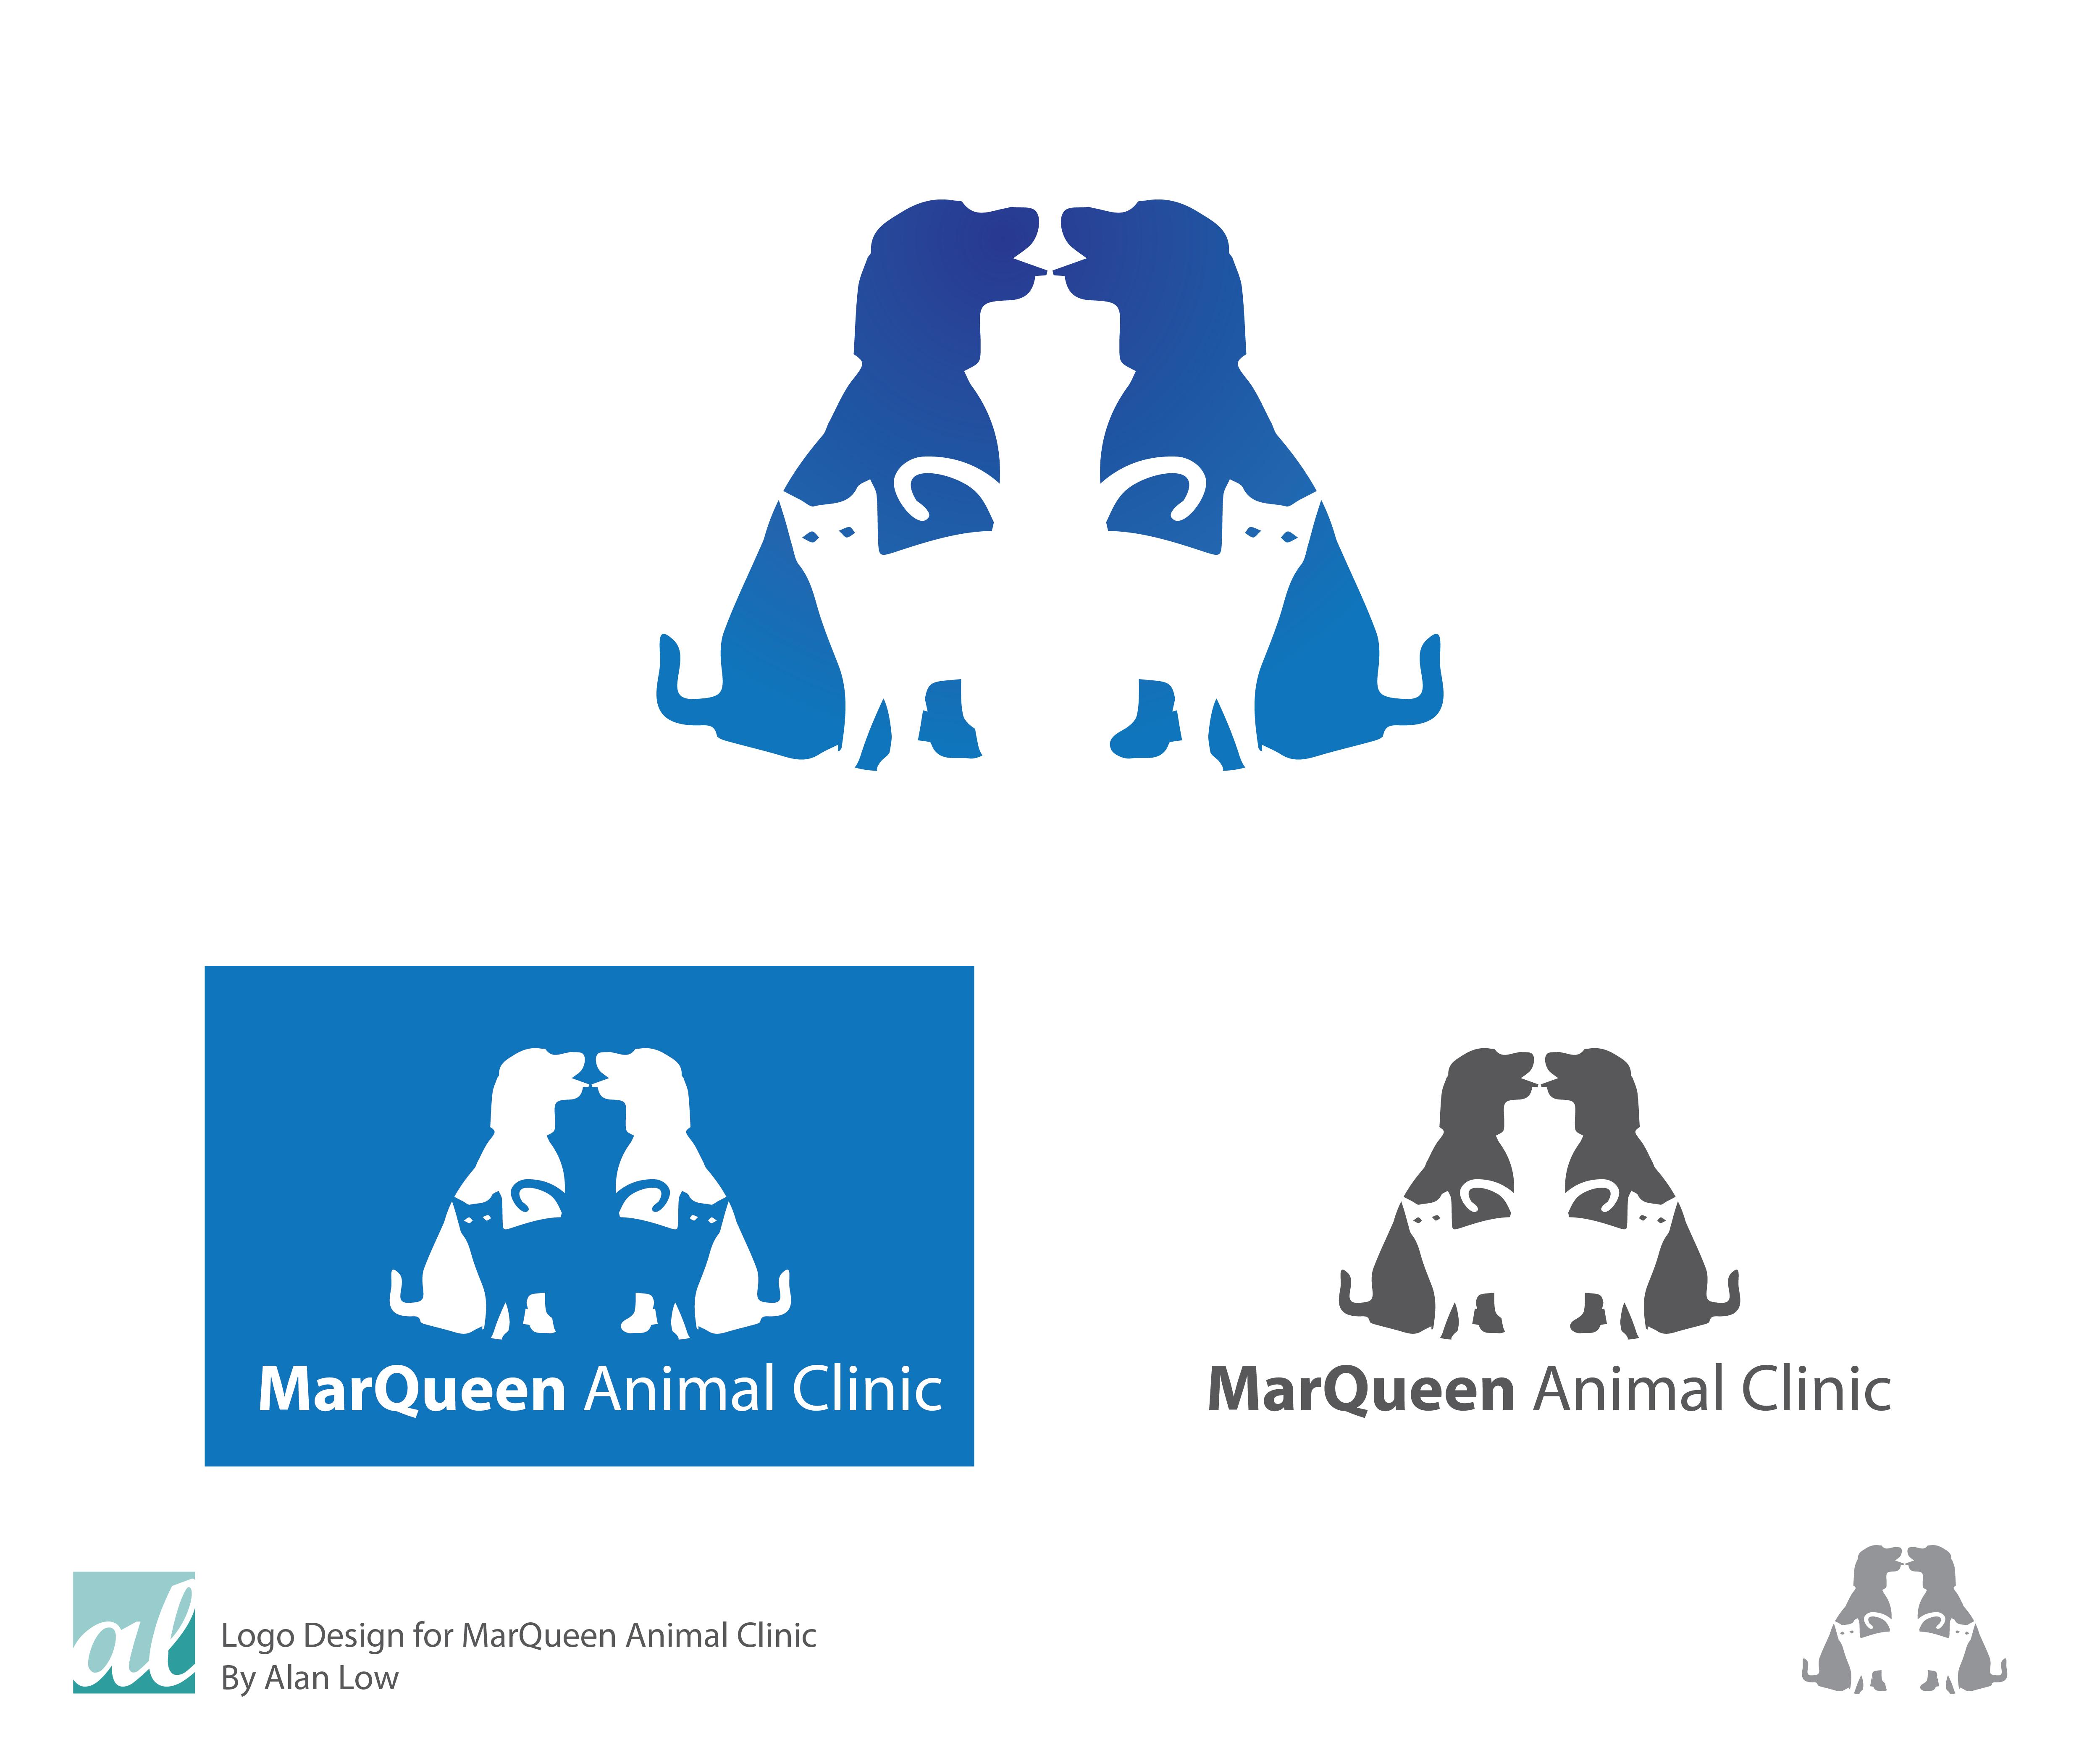 Logo Design by Alan Low - Entry No. 122 in the Logo Design Contest Fun Logo Design for MarQueen Animal Clinic.